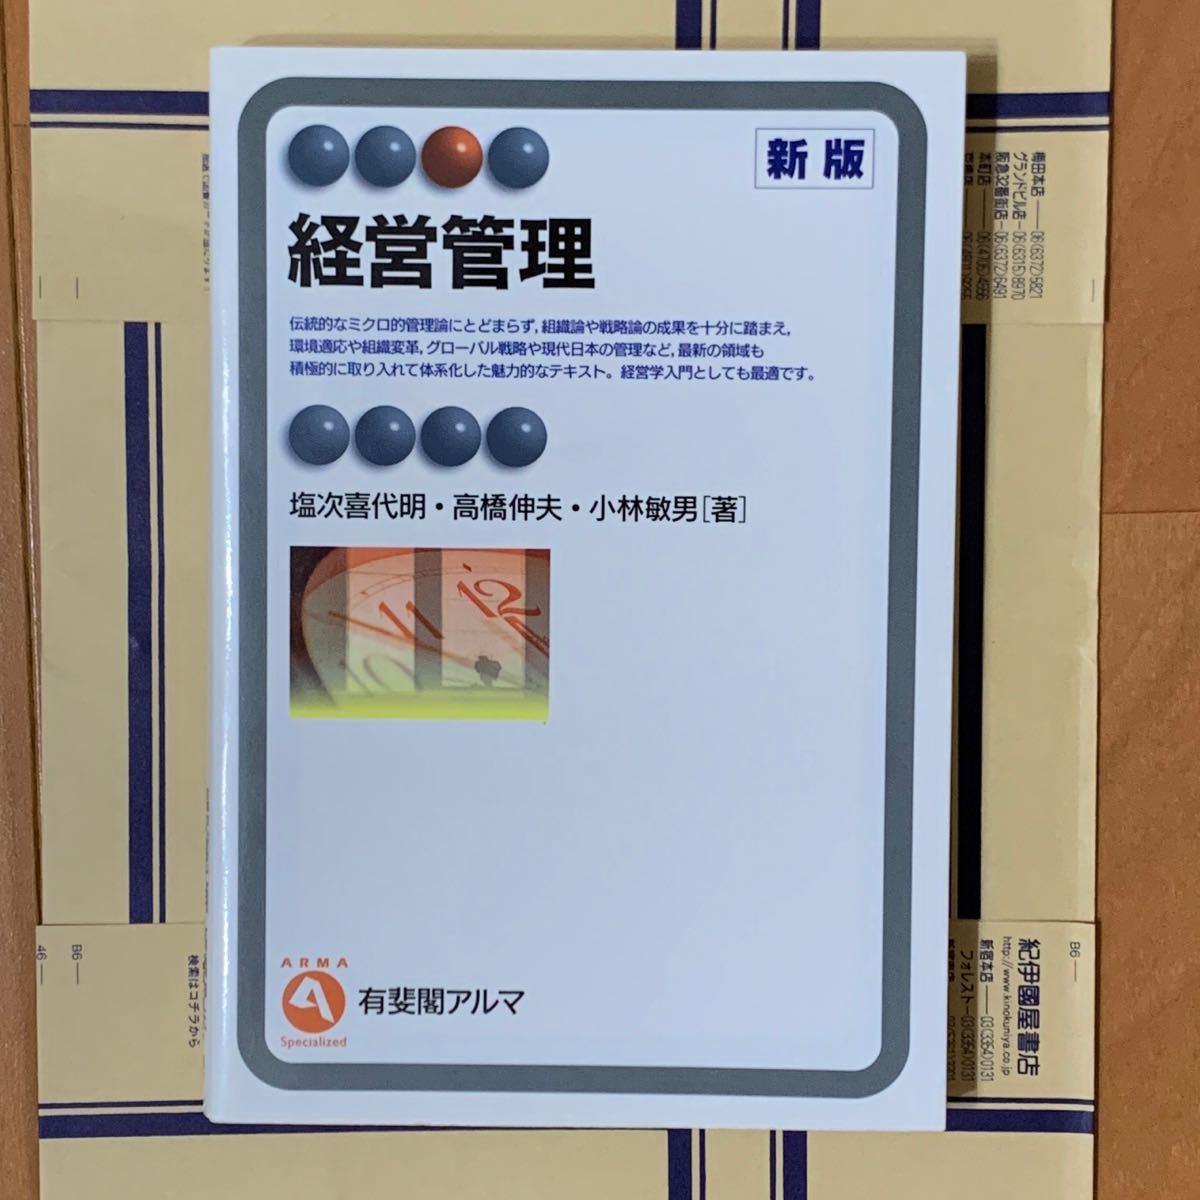 経営管理/塩次喜代明